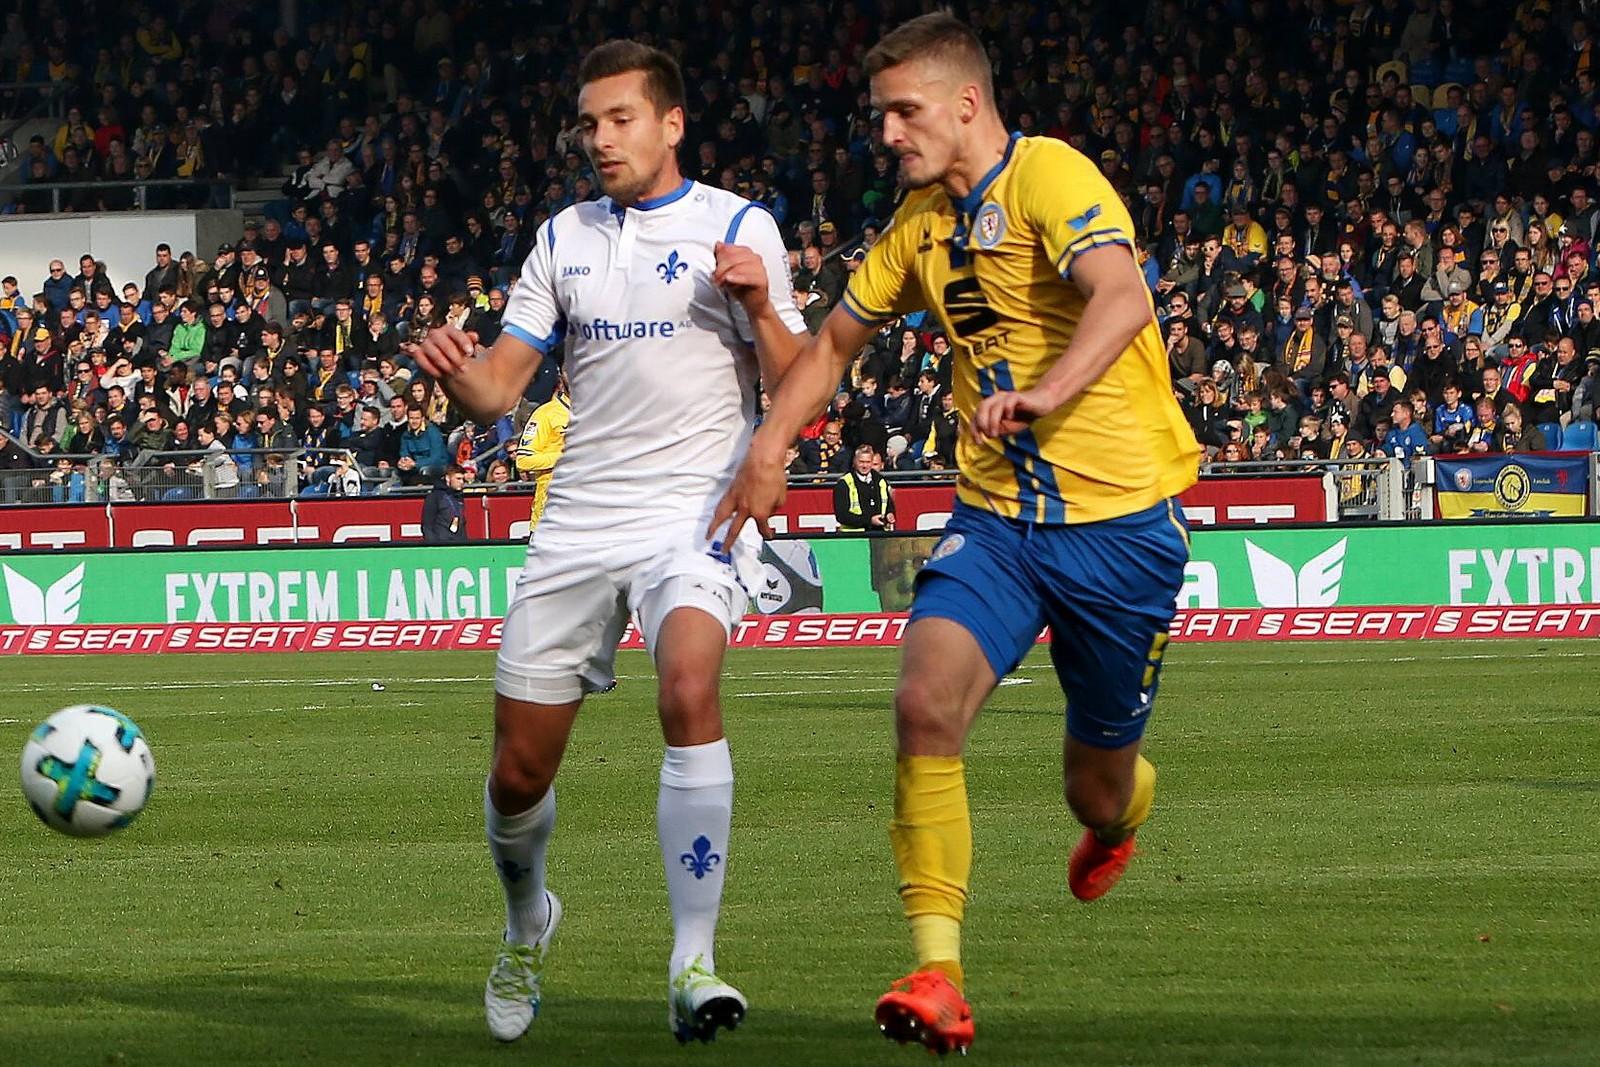 Artur Sobiech von Darmstadt 98 gegen Gustav Valsvik von Eintracht Braunschweig